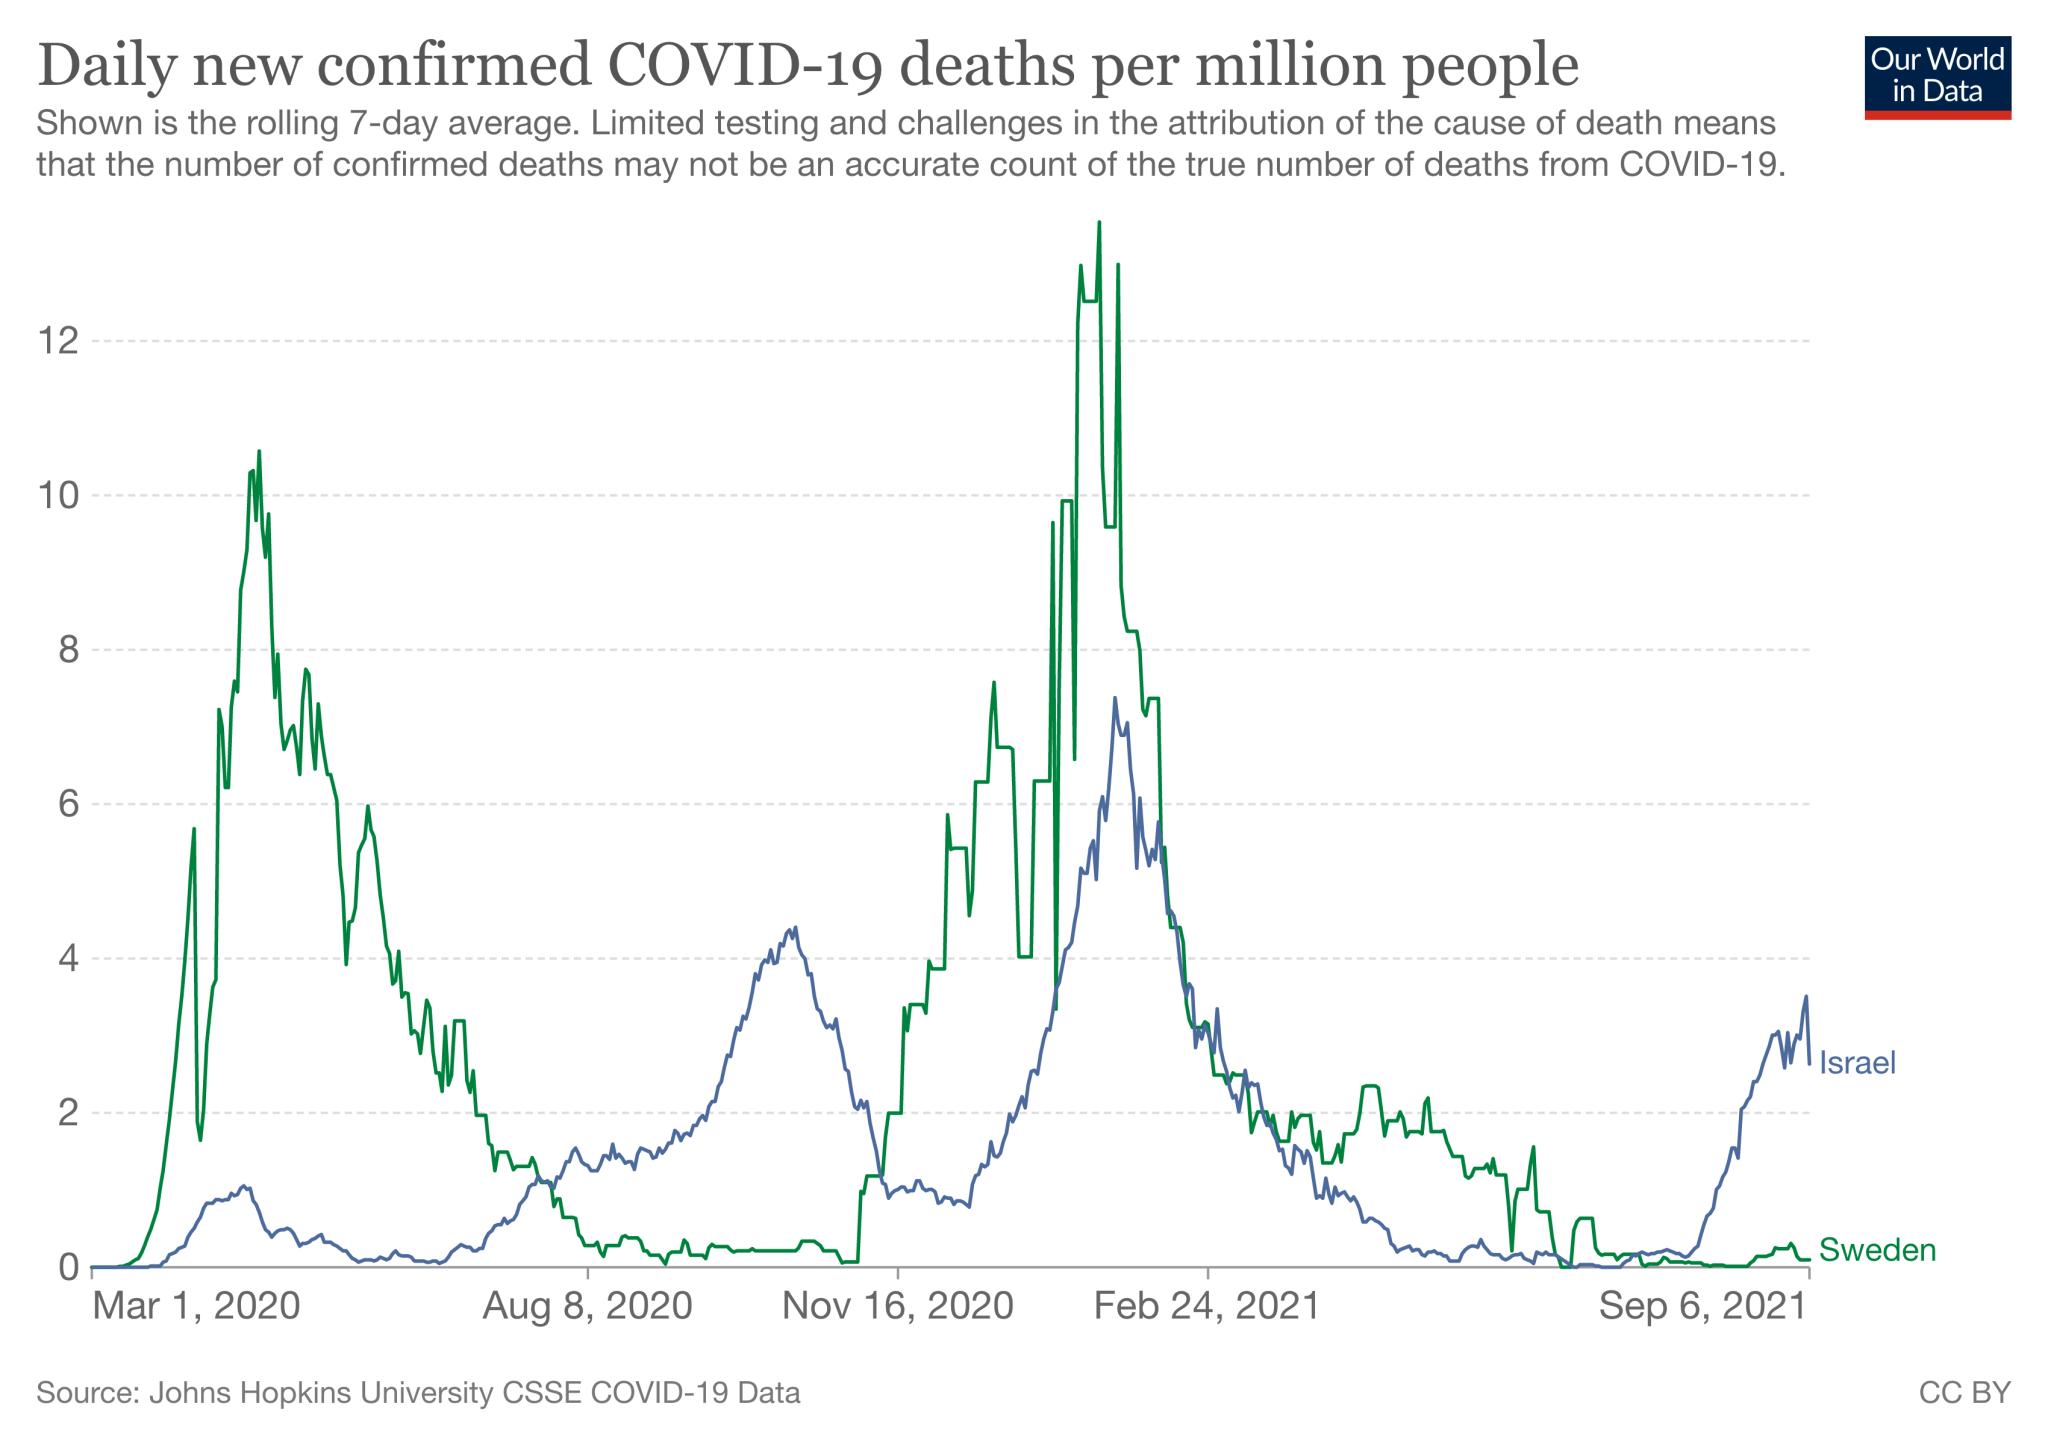 Zgony na COVID-19 w Szwecji i Izraelu (średnia siedmiodniowa w przeliczeniu na milion mieszkańców; marzec 2020 - wrzesień 2021)